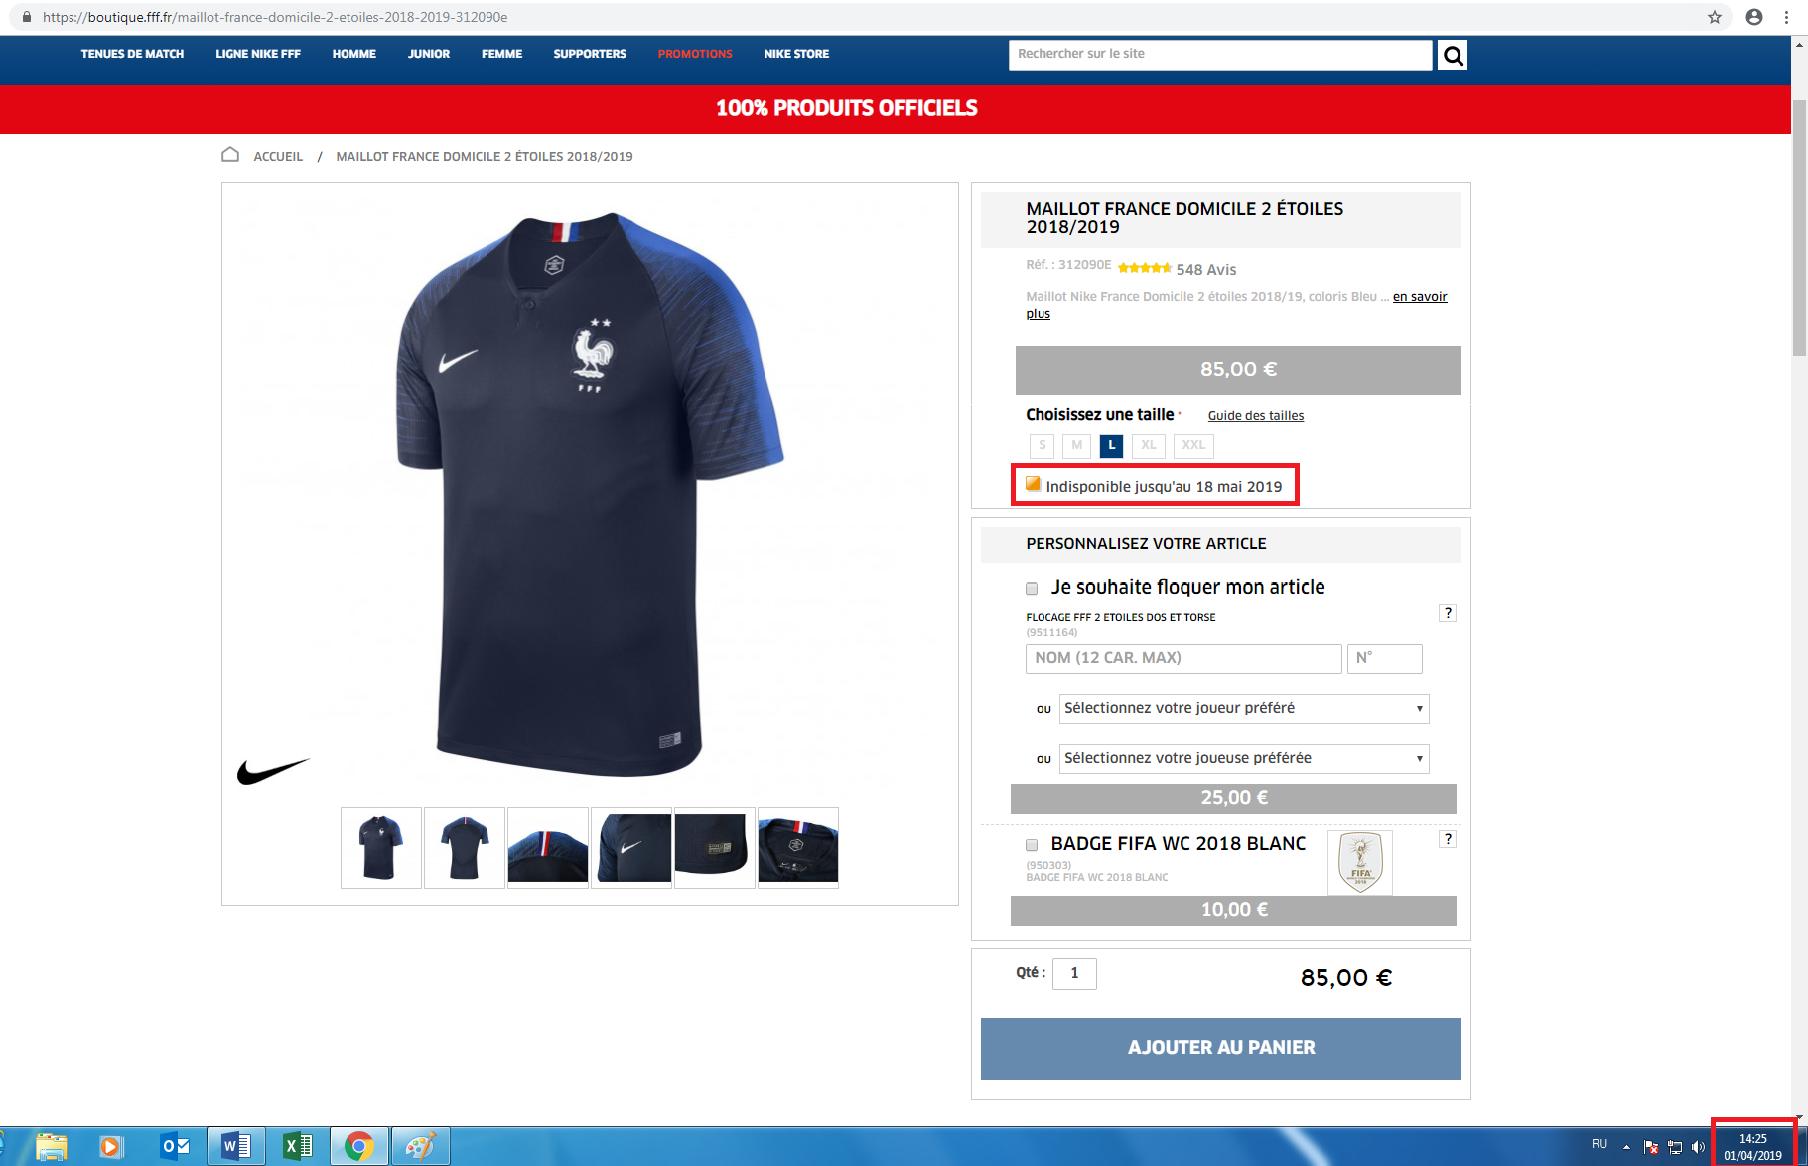 Принтскрин сайта онлайн-бутика Французской федерации футбола, сделанный 1 апреля 2019 г.. Новая партия «двухзвездных» футболок всех размеров поступят в продажу лишь 18 мая. На принтскрине выбрана футболка размера L.